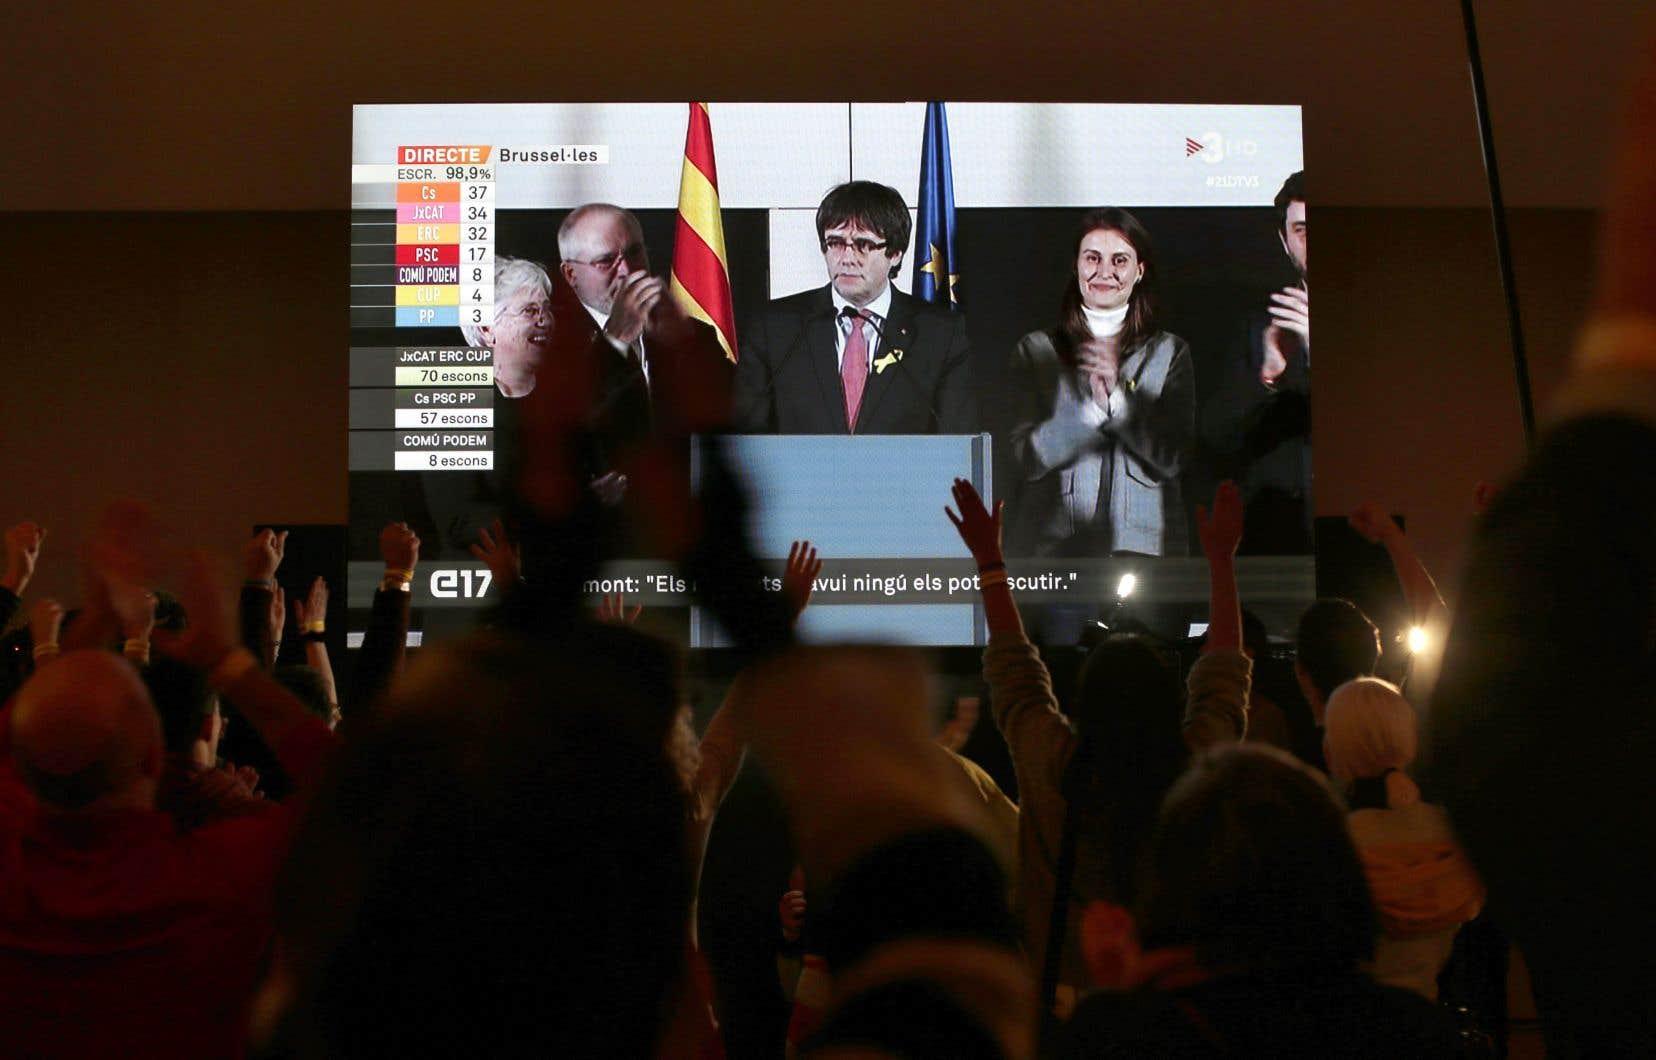 «Puigdemont président, président»! ont réagi les partisans du dirigeant Carles Puigdemont destitué, qui a suivi le scrutin depuis Bruxelles.